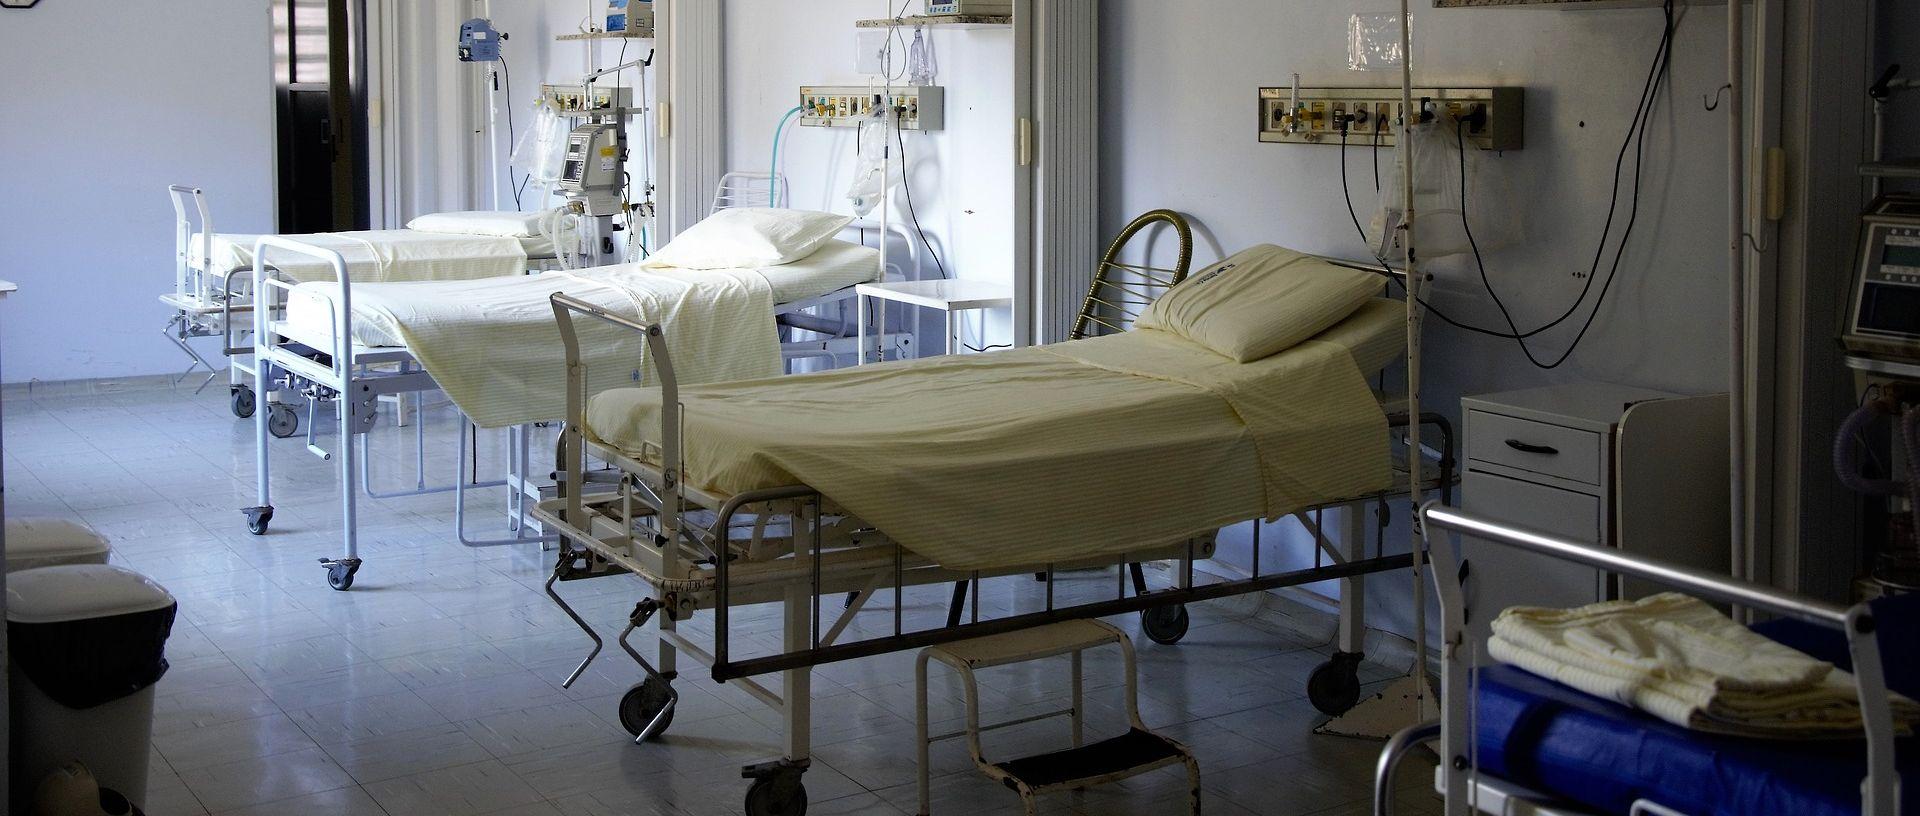 Osnivač švicarske udruge za eutanaziju oslobođen optužbi za nezakonito profitiranje